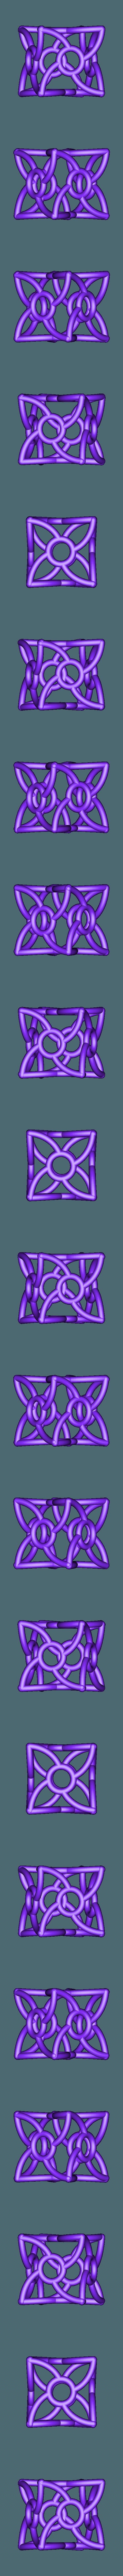 A5_12.stl Télécharger fichier STL gratuit Cellules de l'unité auxiliaire • Objet imprimable en 3D, sjpiper145